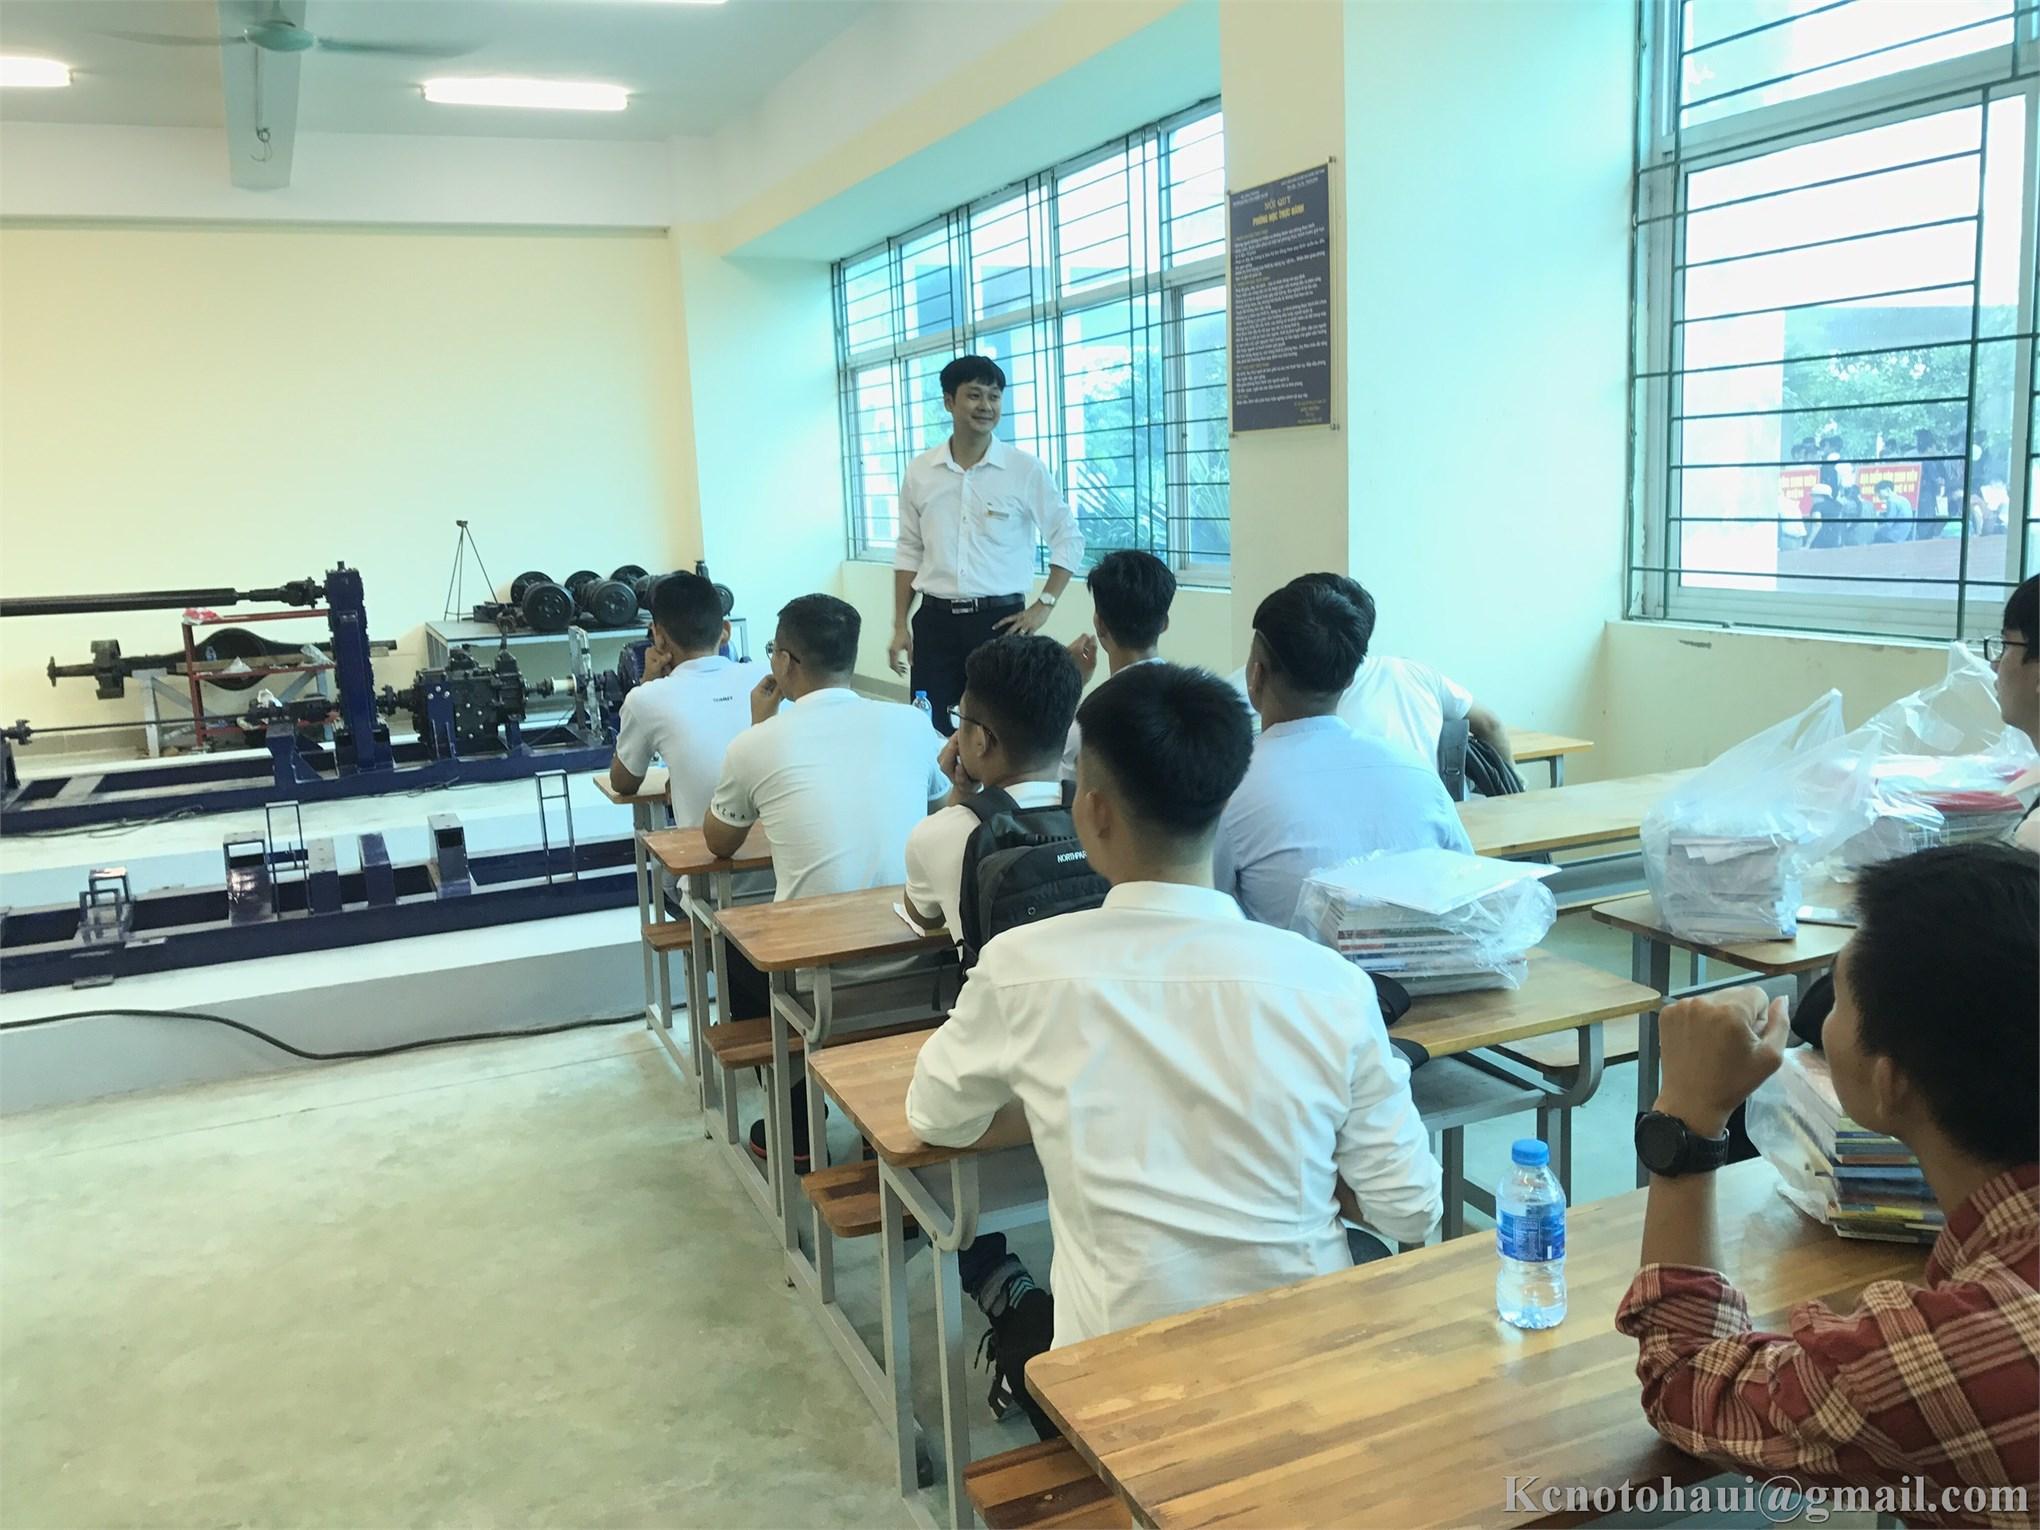 Ngày hội nhập học của tân sinh viên Khoa Công nghệ ô tô trường Đại Học Công nghiệp Hà Nội